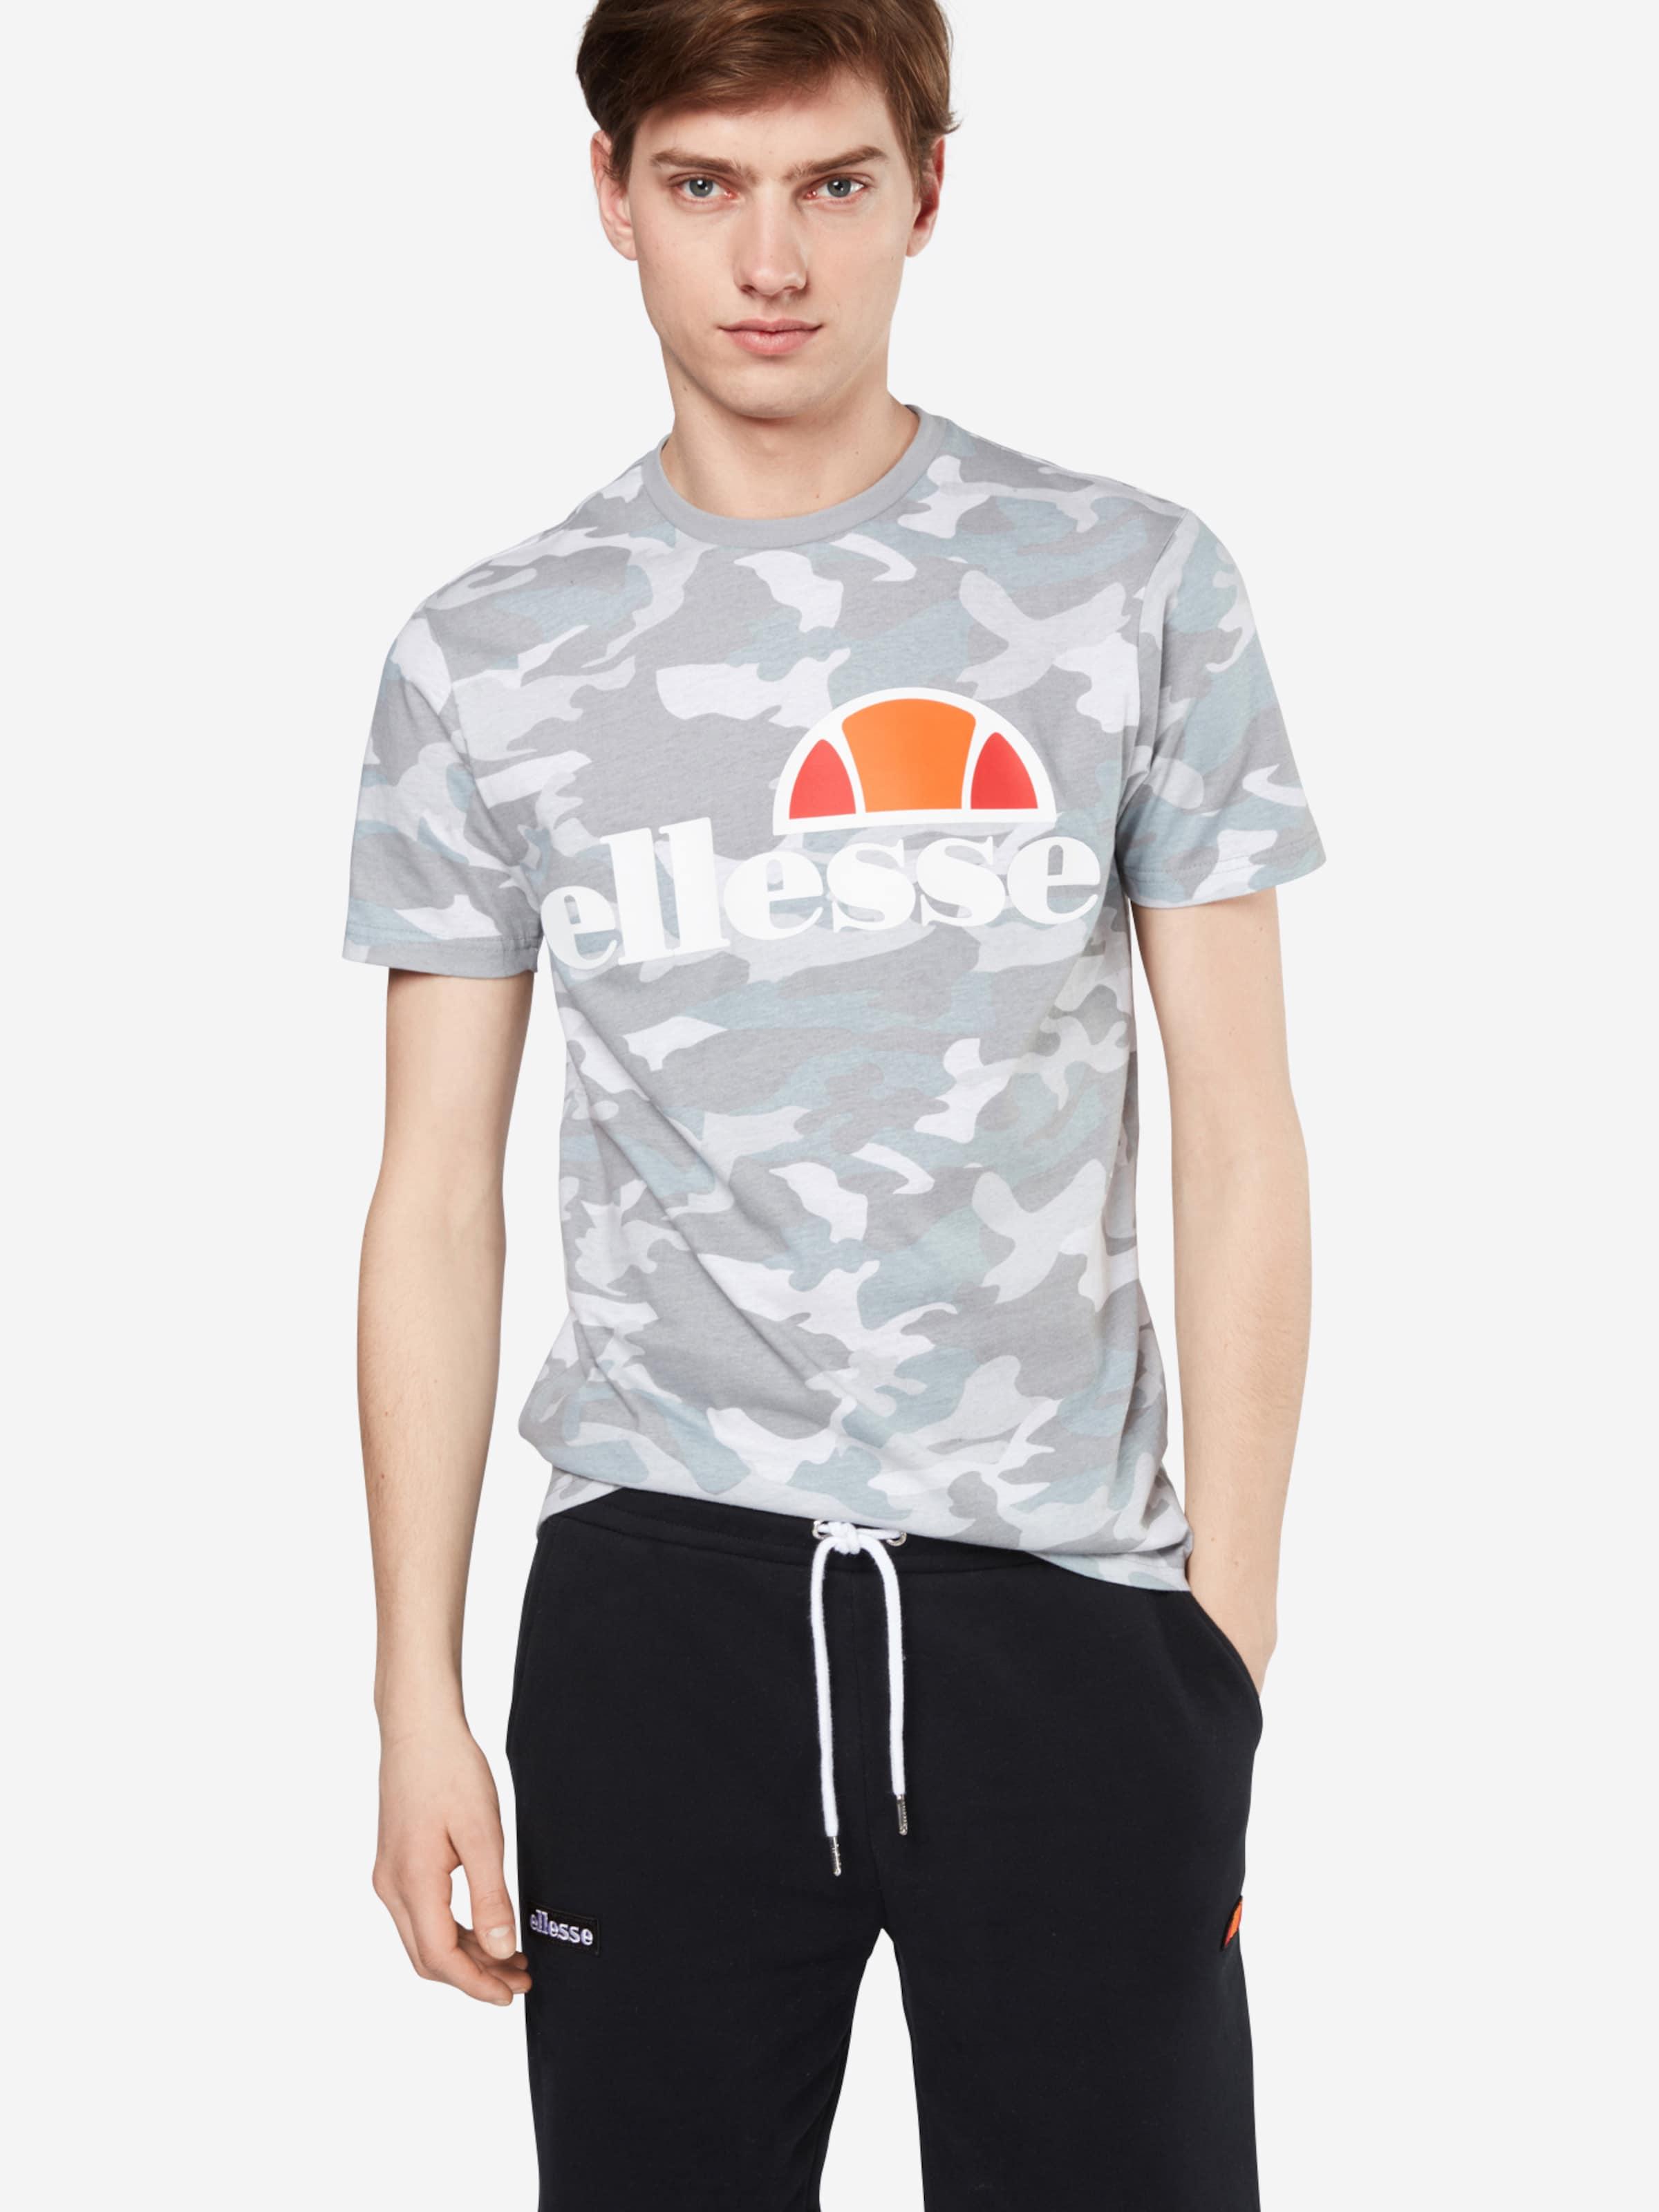 Billige Bilder Auslass ELLESSE T-Shirt 'PRADO' Billig Kaufen Shop Rabatt Genießen Billig Verkauf 100% Authentisch nVh8v3eY